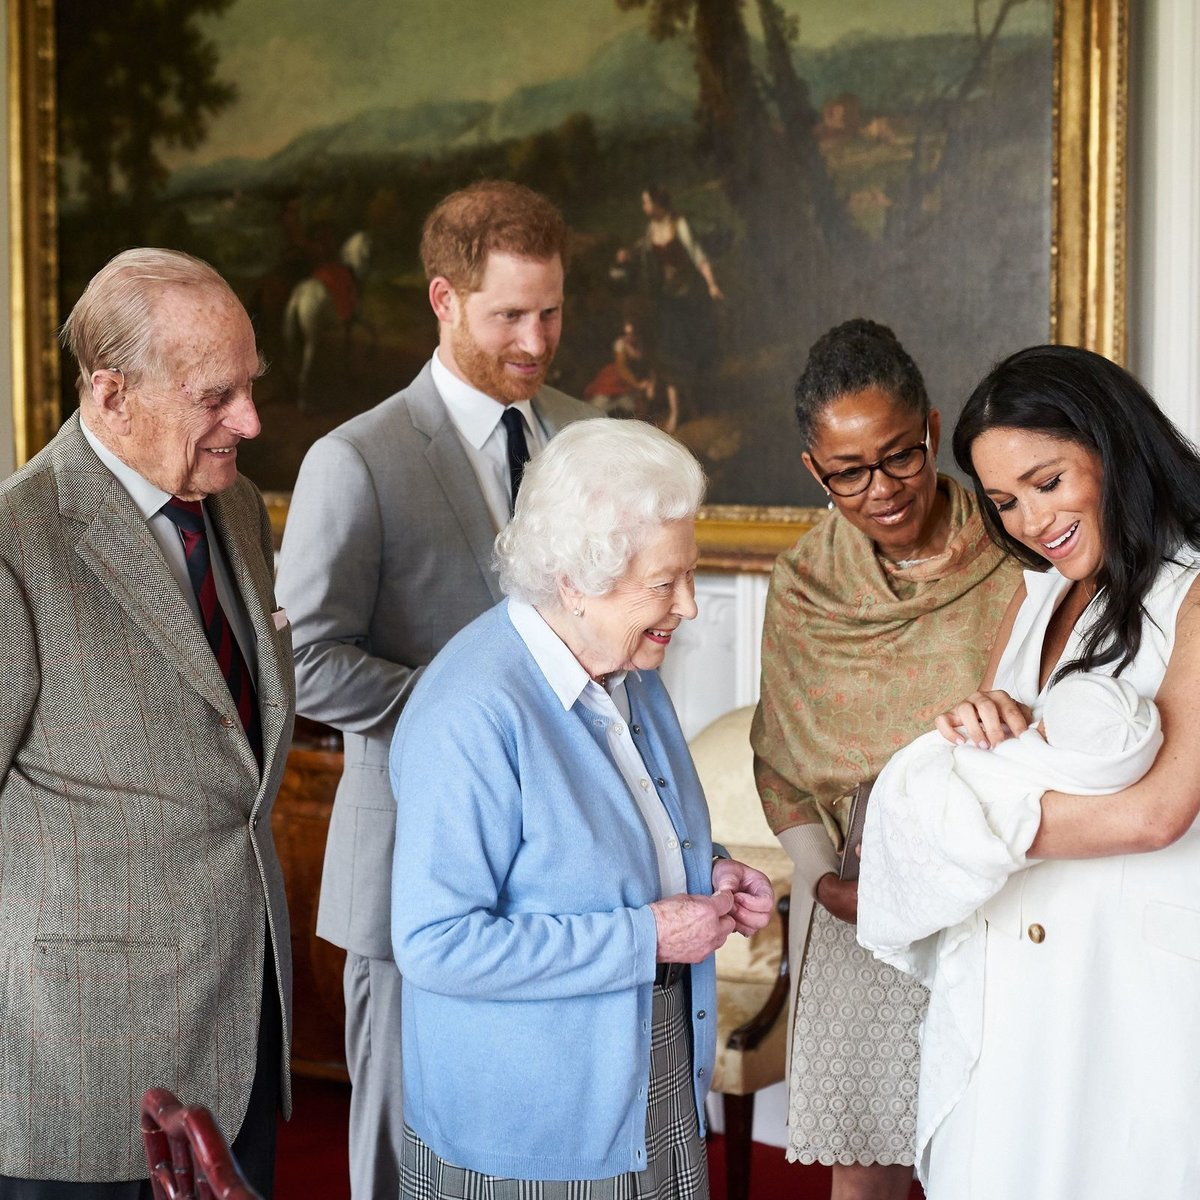 Od května, kdy se Archie narodil, si královna pravnoučete příliš neužila.